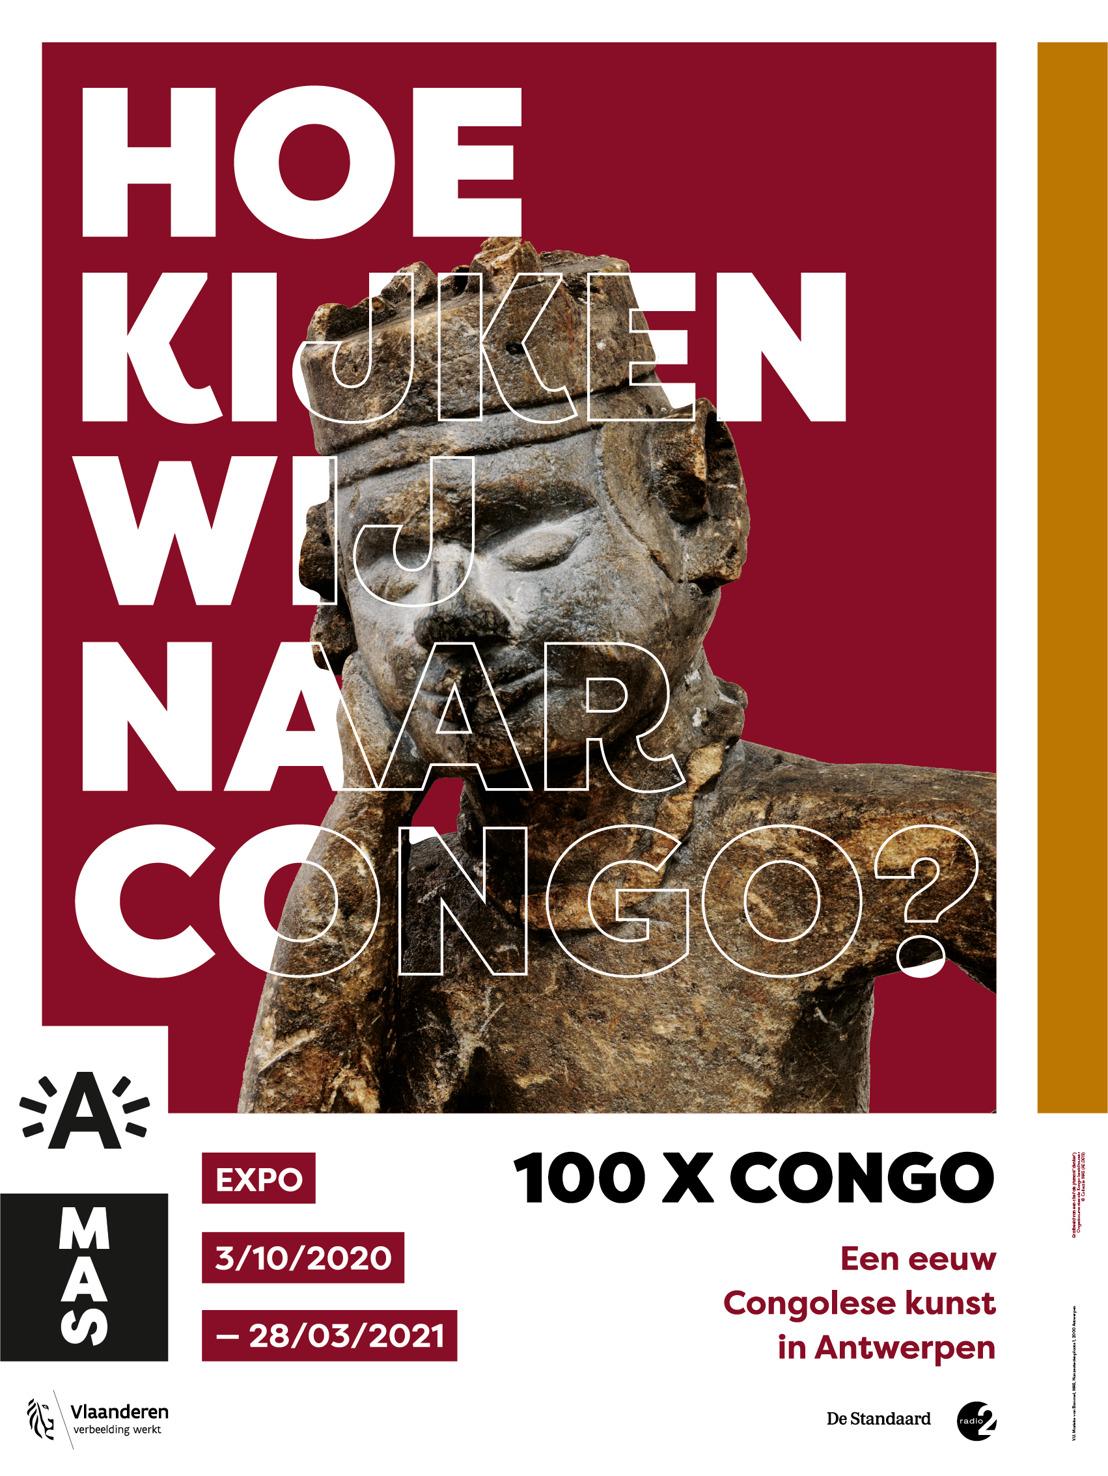 HOE HET MAS EN BONKA CIRCUS KIJKEN NAAR '100 x CONGO'